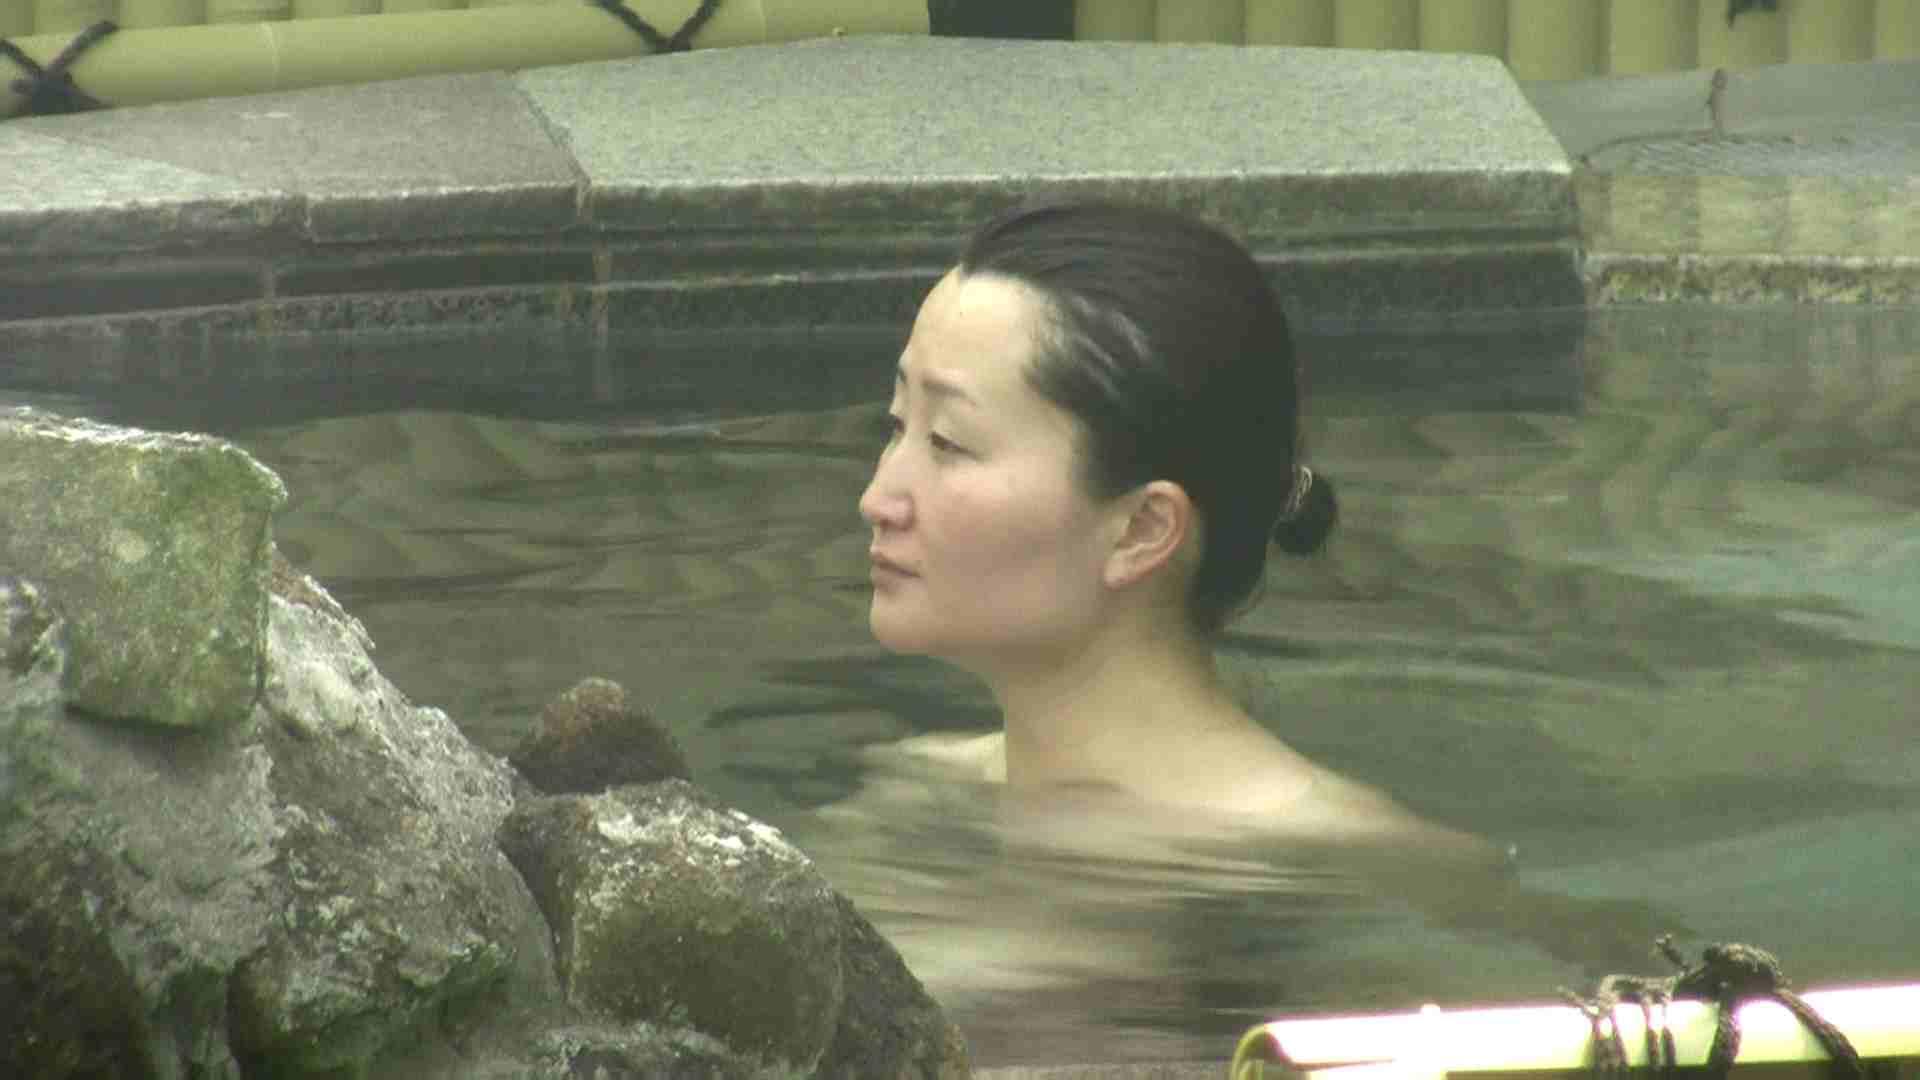 Aquaな露天風呂Vol.632 盗撮  70画像 30